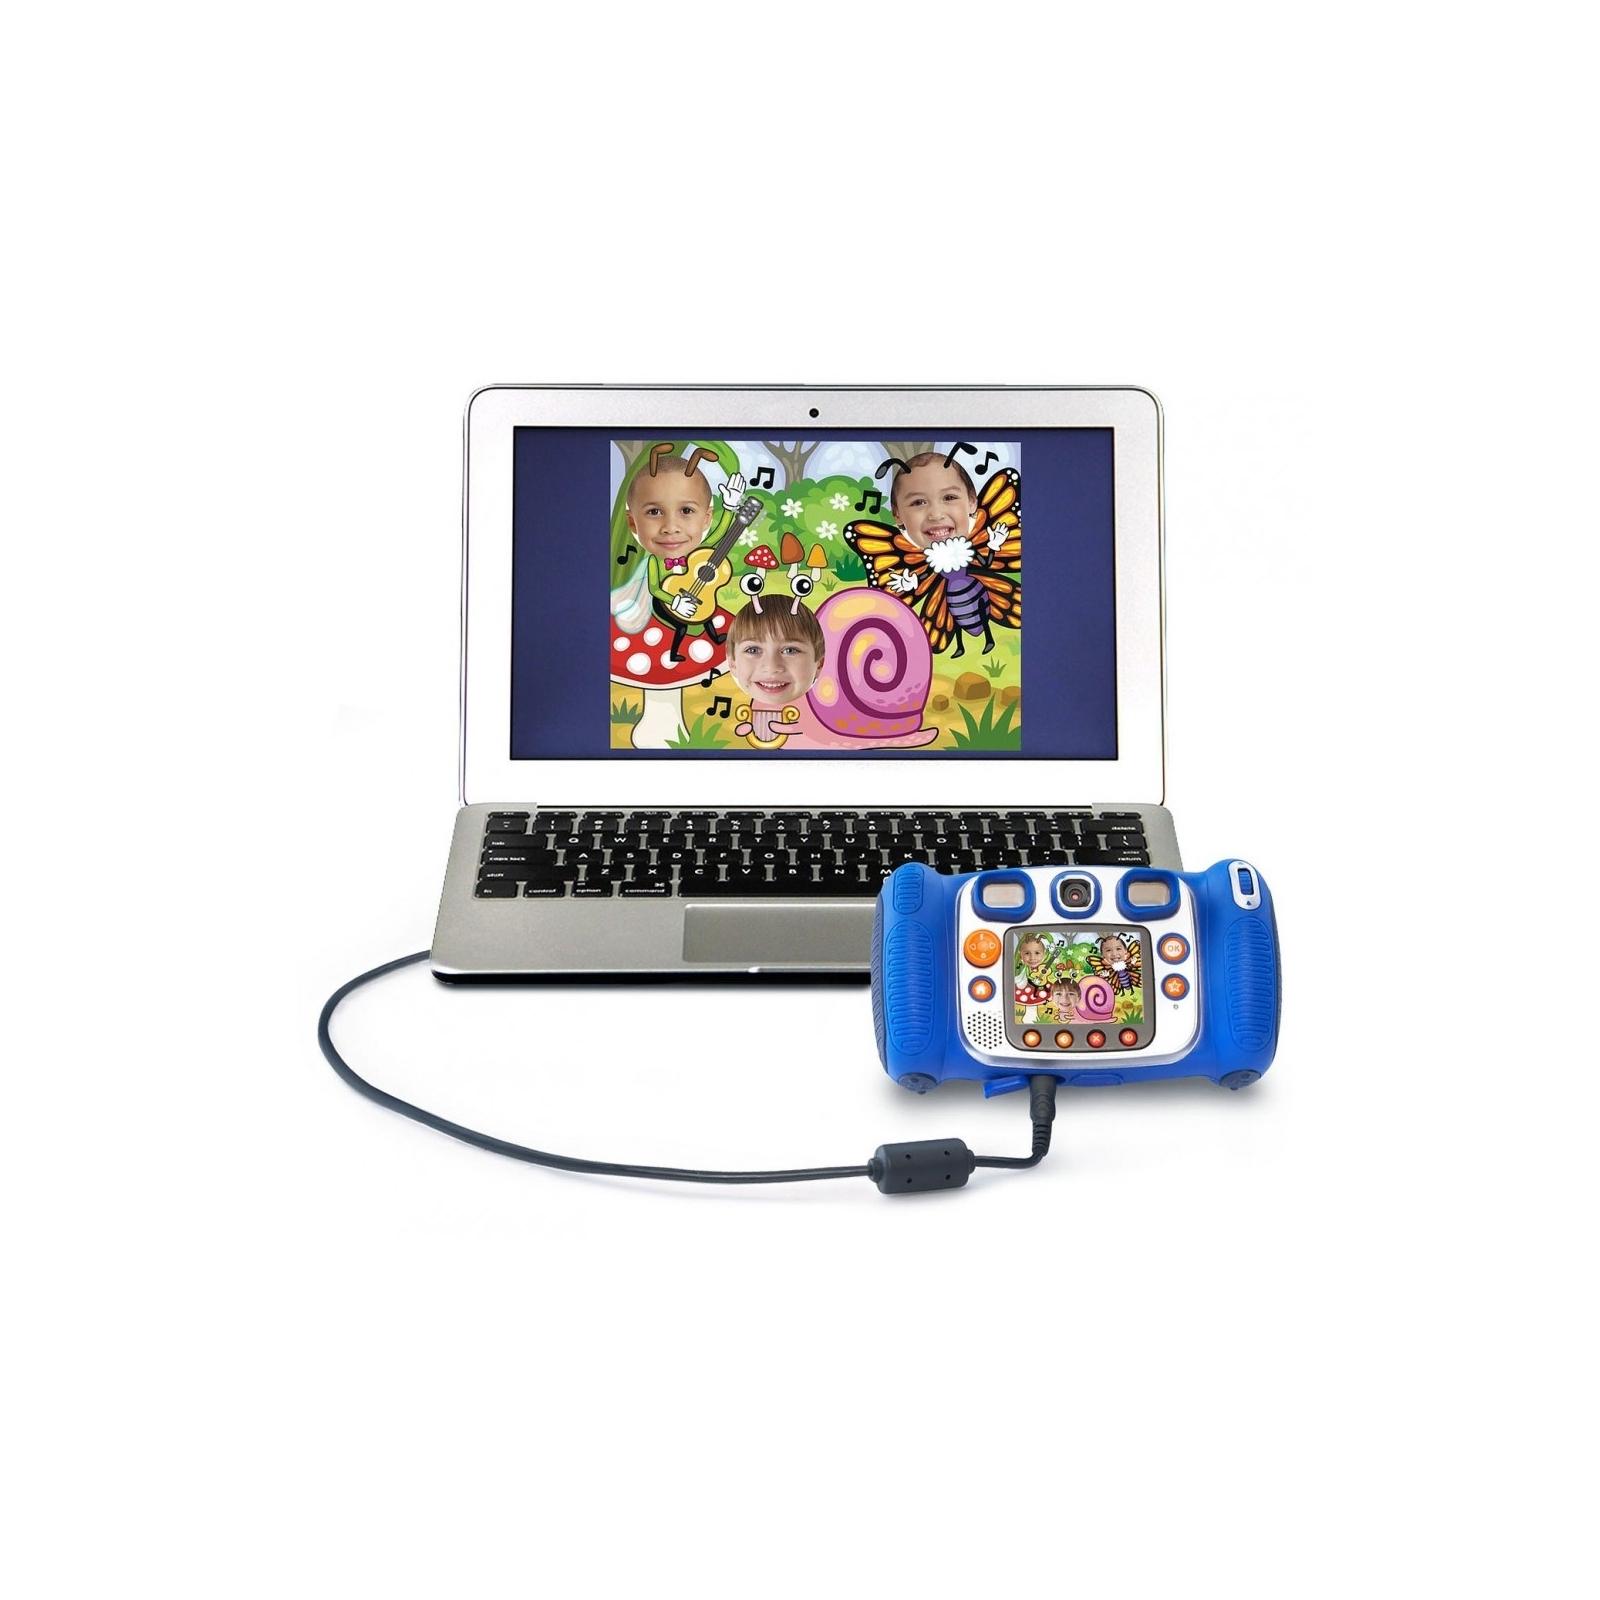 Интерактивная игрушка VTech Детская цифровая фотокамера Kidizoom Duo Blue (80-170803) изображение 6